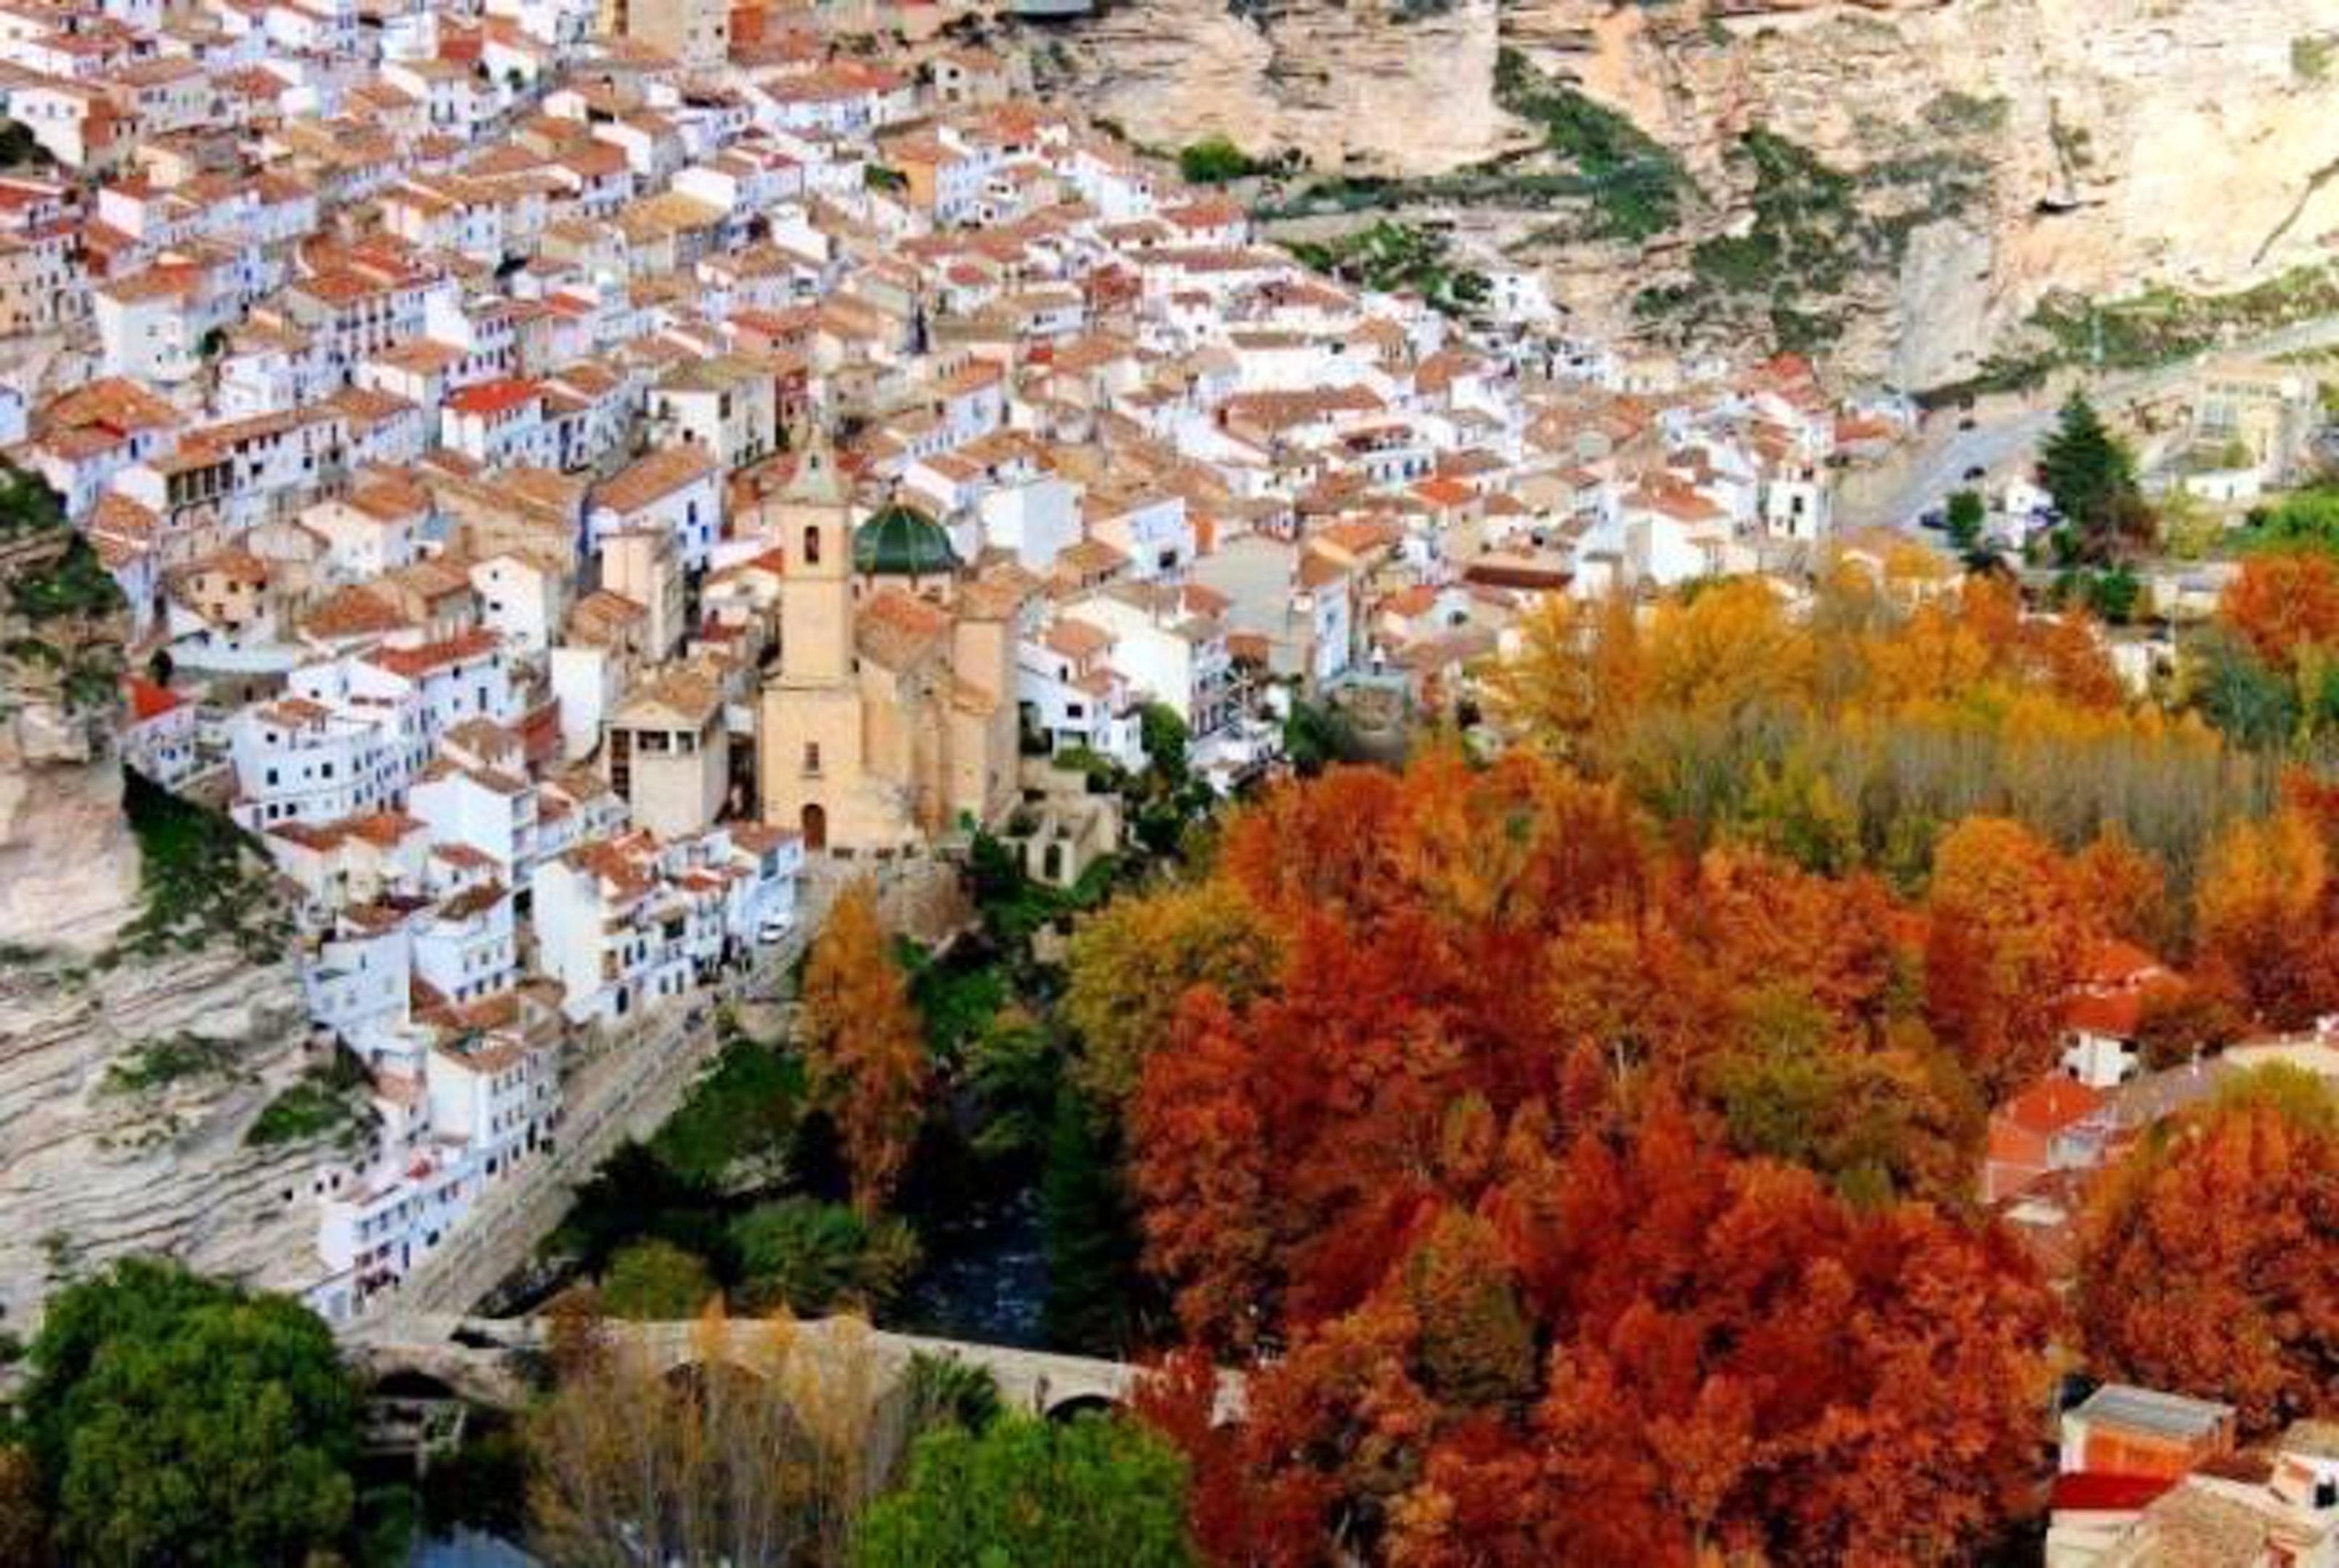 Ferienhaus Haus mit 5 Schlafzimmern in Casas del Cerro mit toller Aussicht auf die Berge und möbliert (2201517), Casas del Cerro, Albacete, Kastilien-La Mancha, Spanien, Bild 32